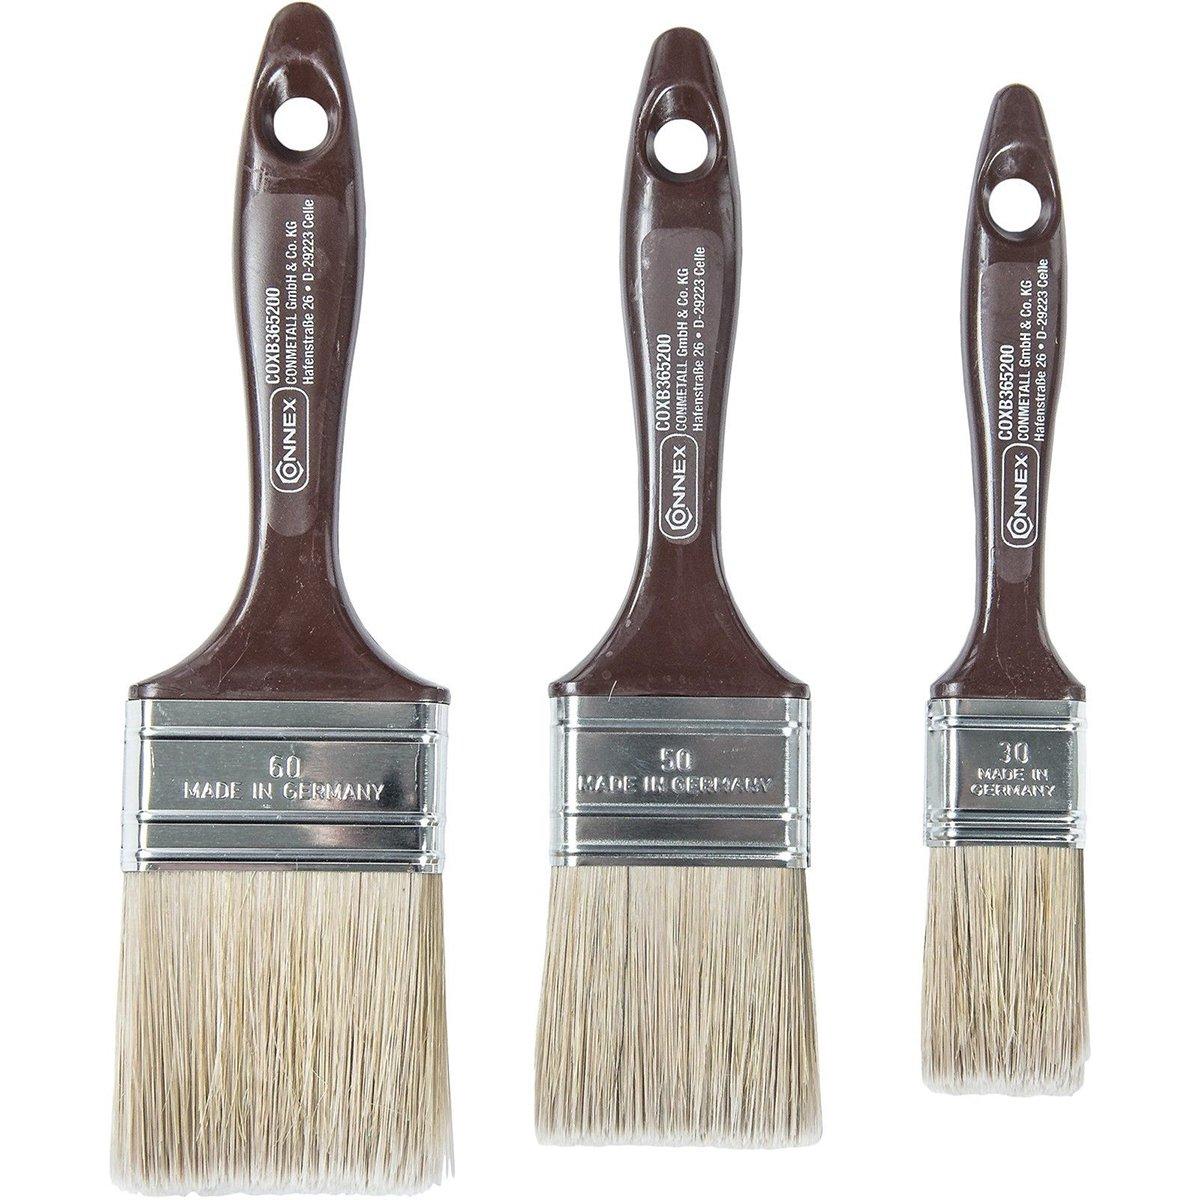 Connex Flachpinselset Lasur, 3 Stü ck, COXB365200